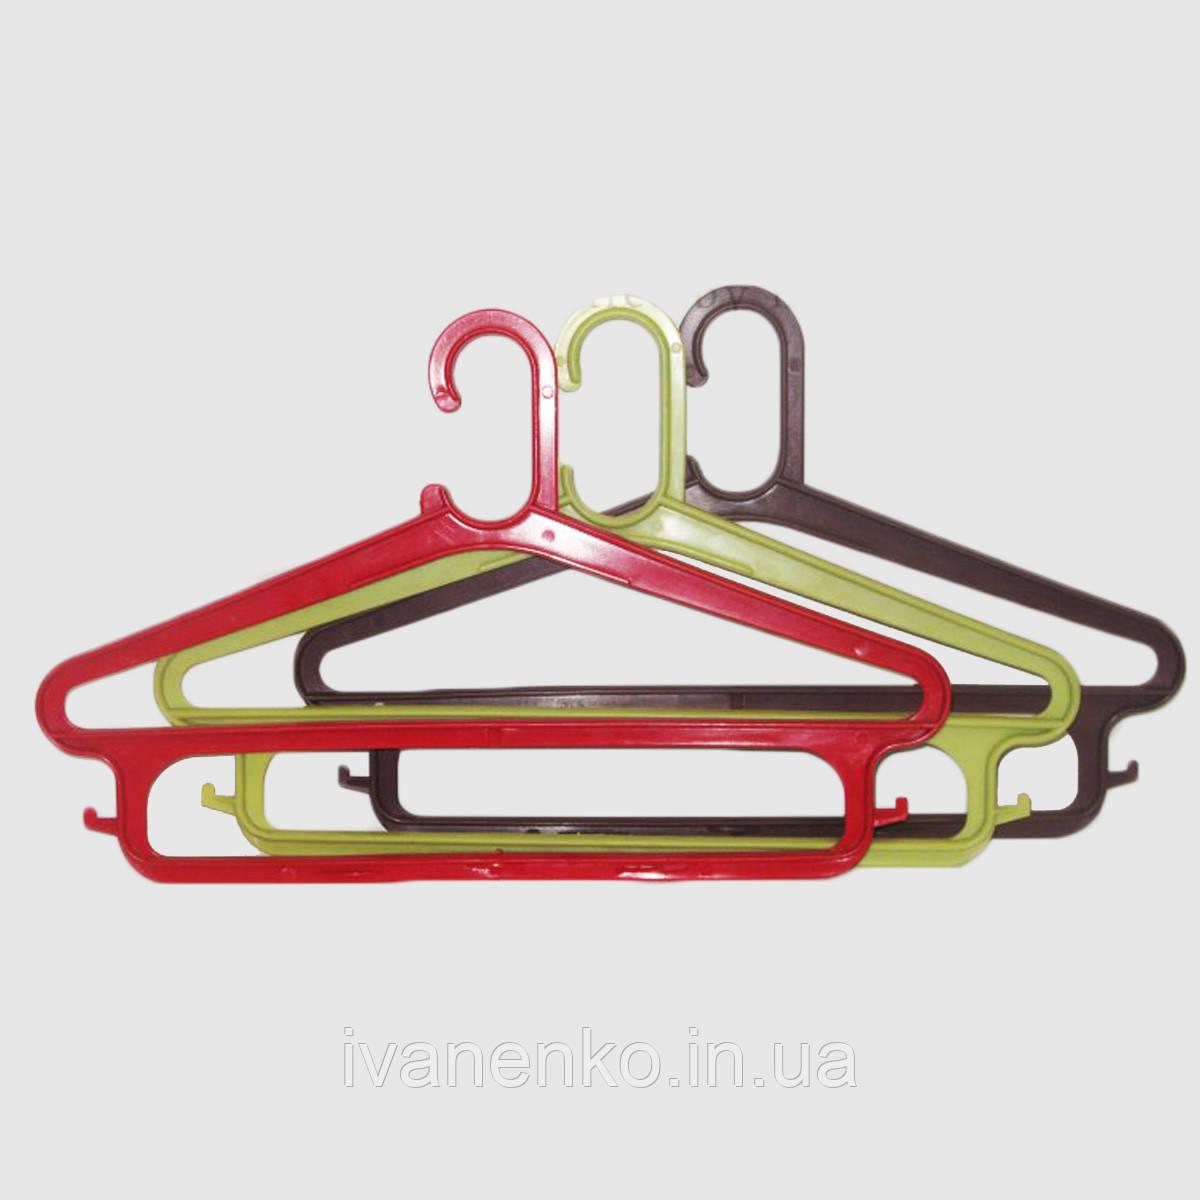 Вешалки плечики для одежды на 2 перекладины